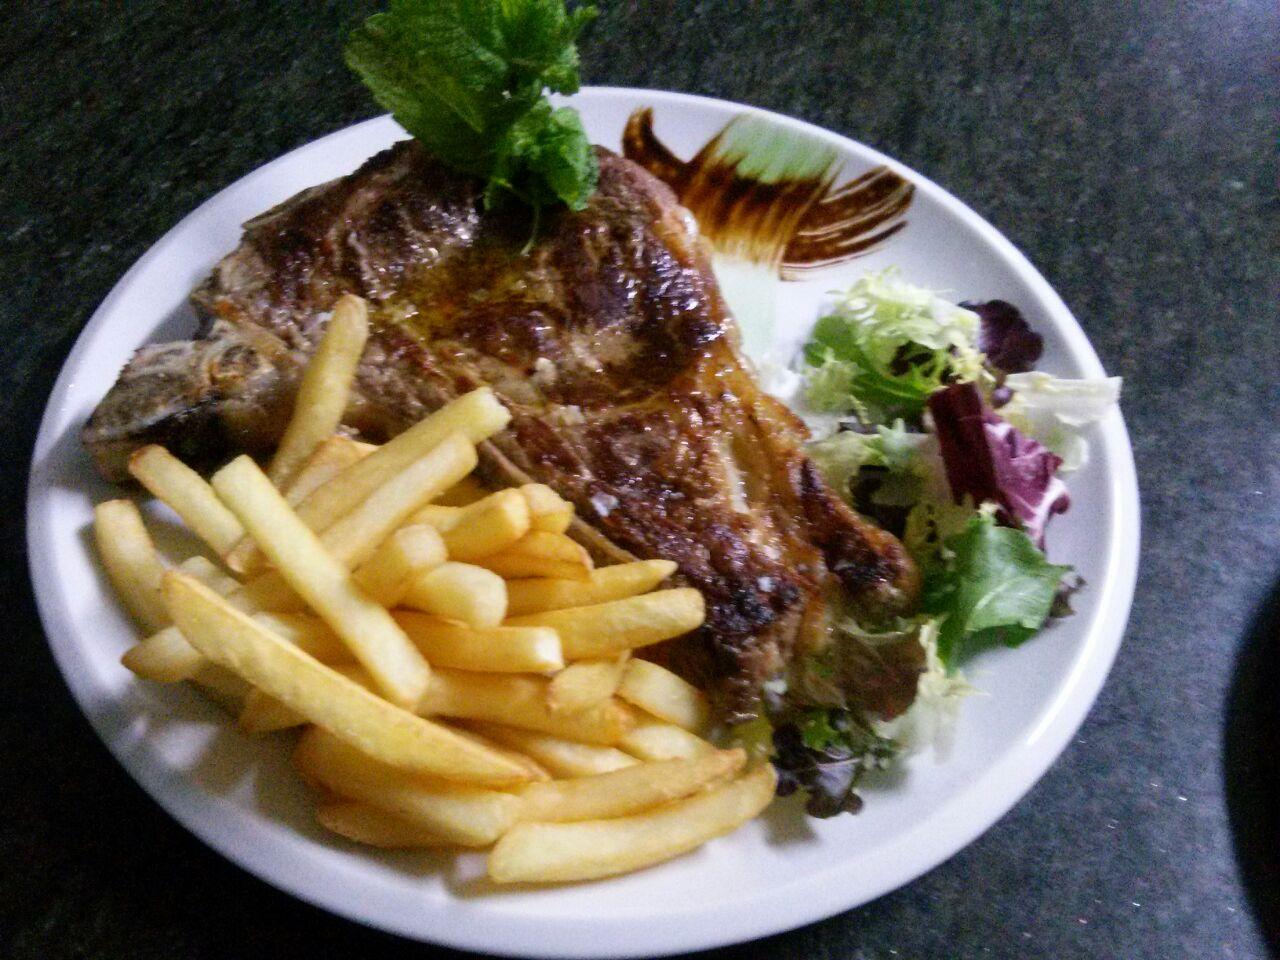 En casa colom comida sana casera y natural Menu comida casera